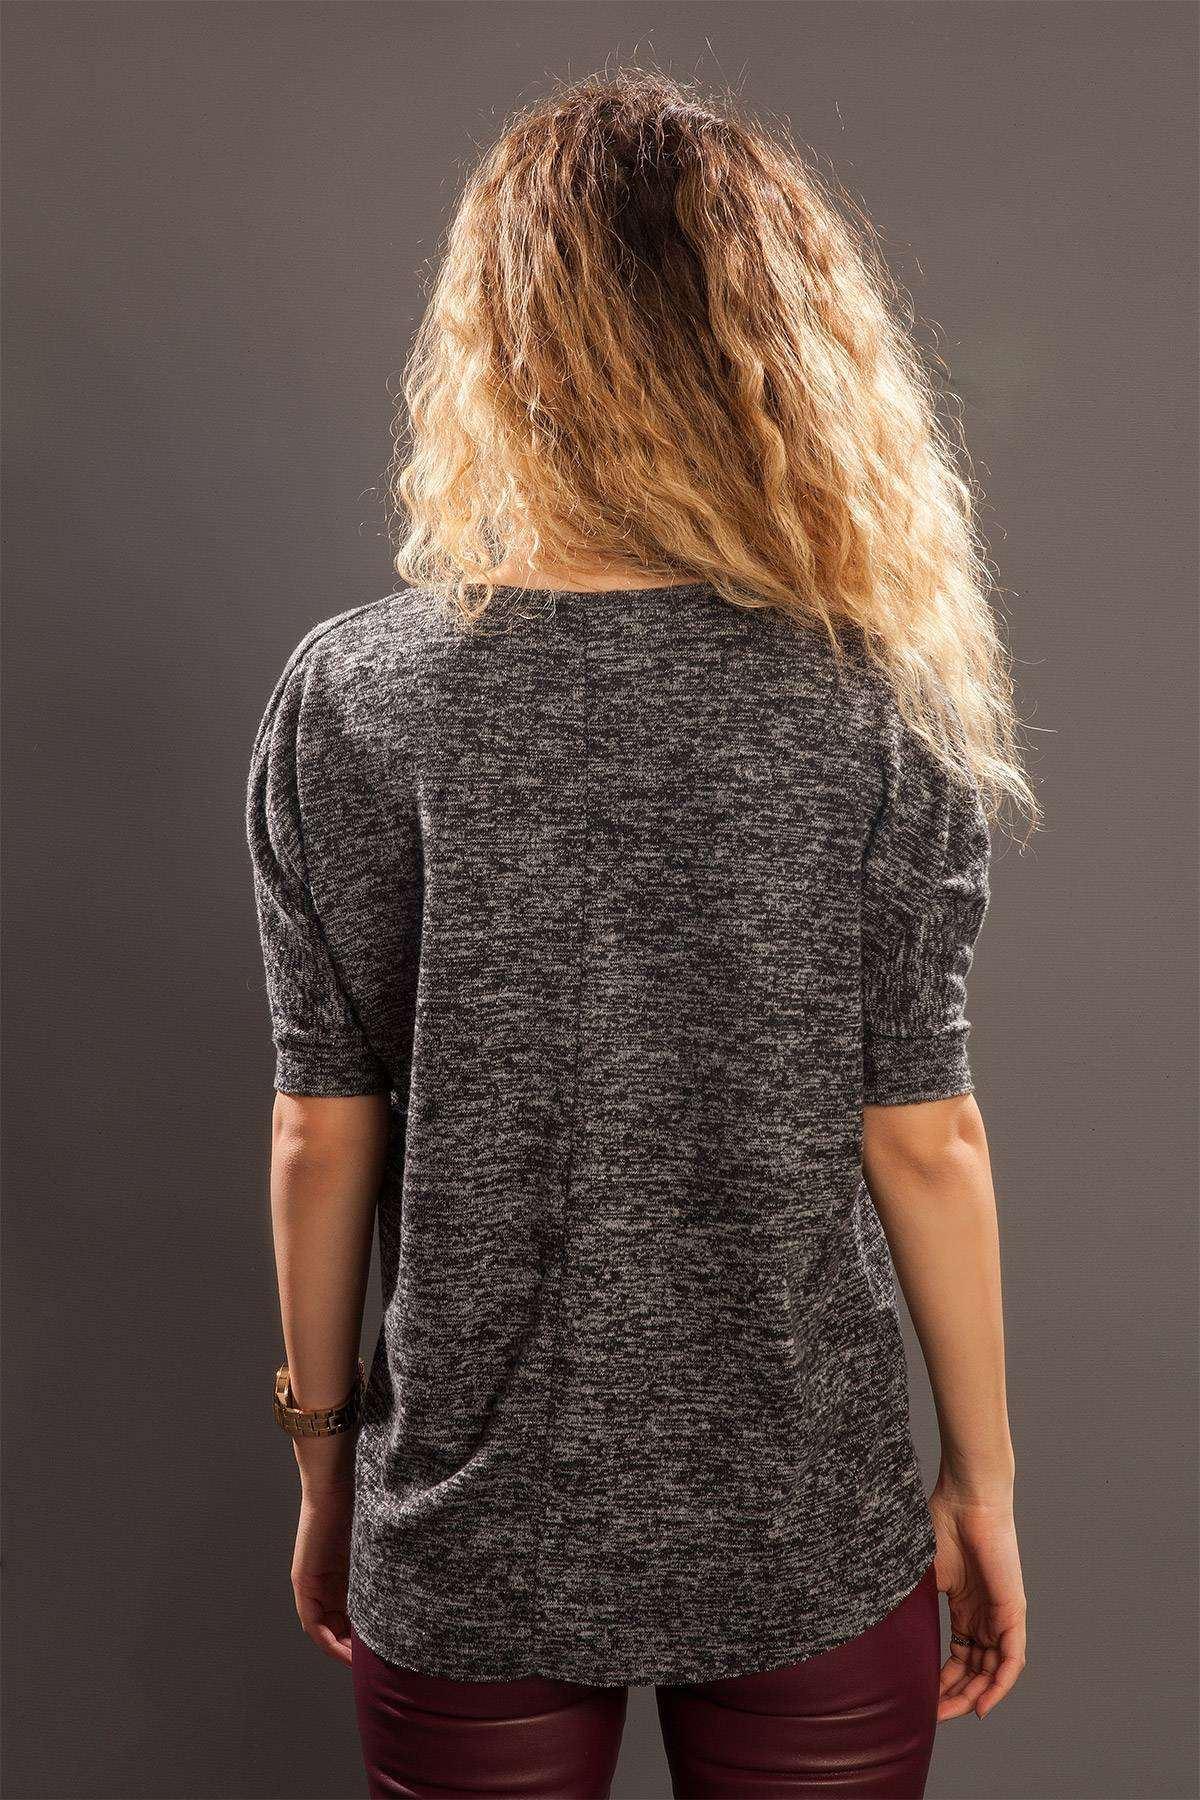 Önü Kısa Arkası Uzun Sıfır Yaka Bluz Füme